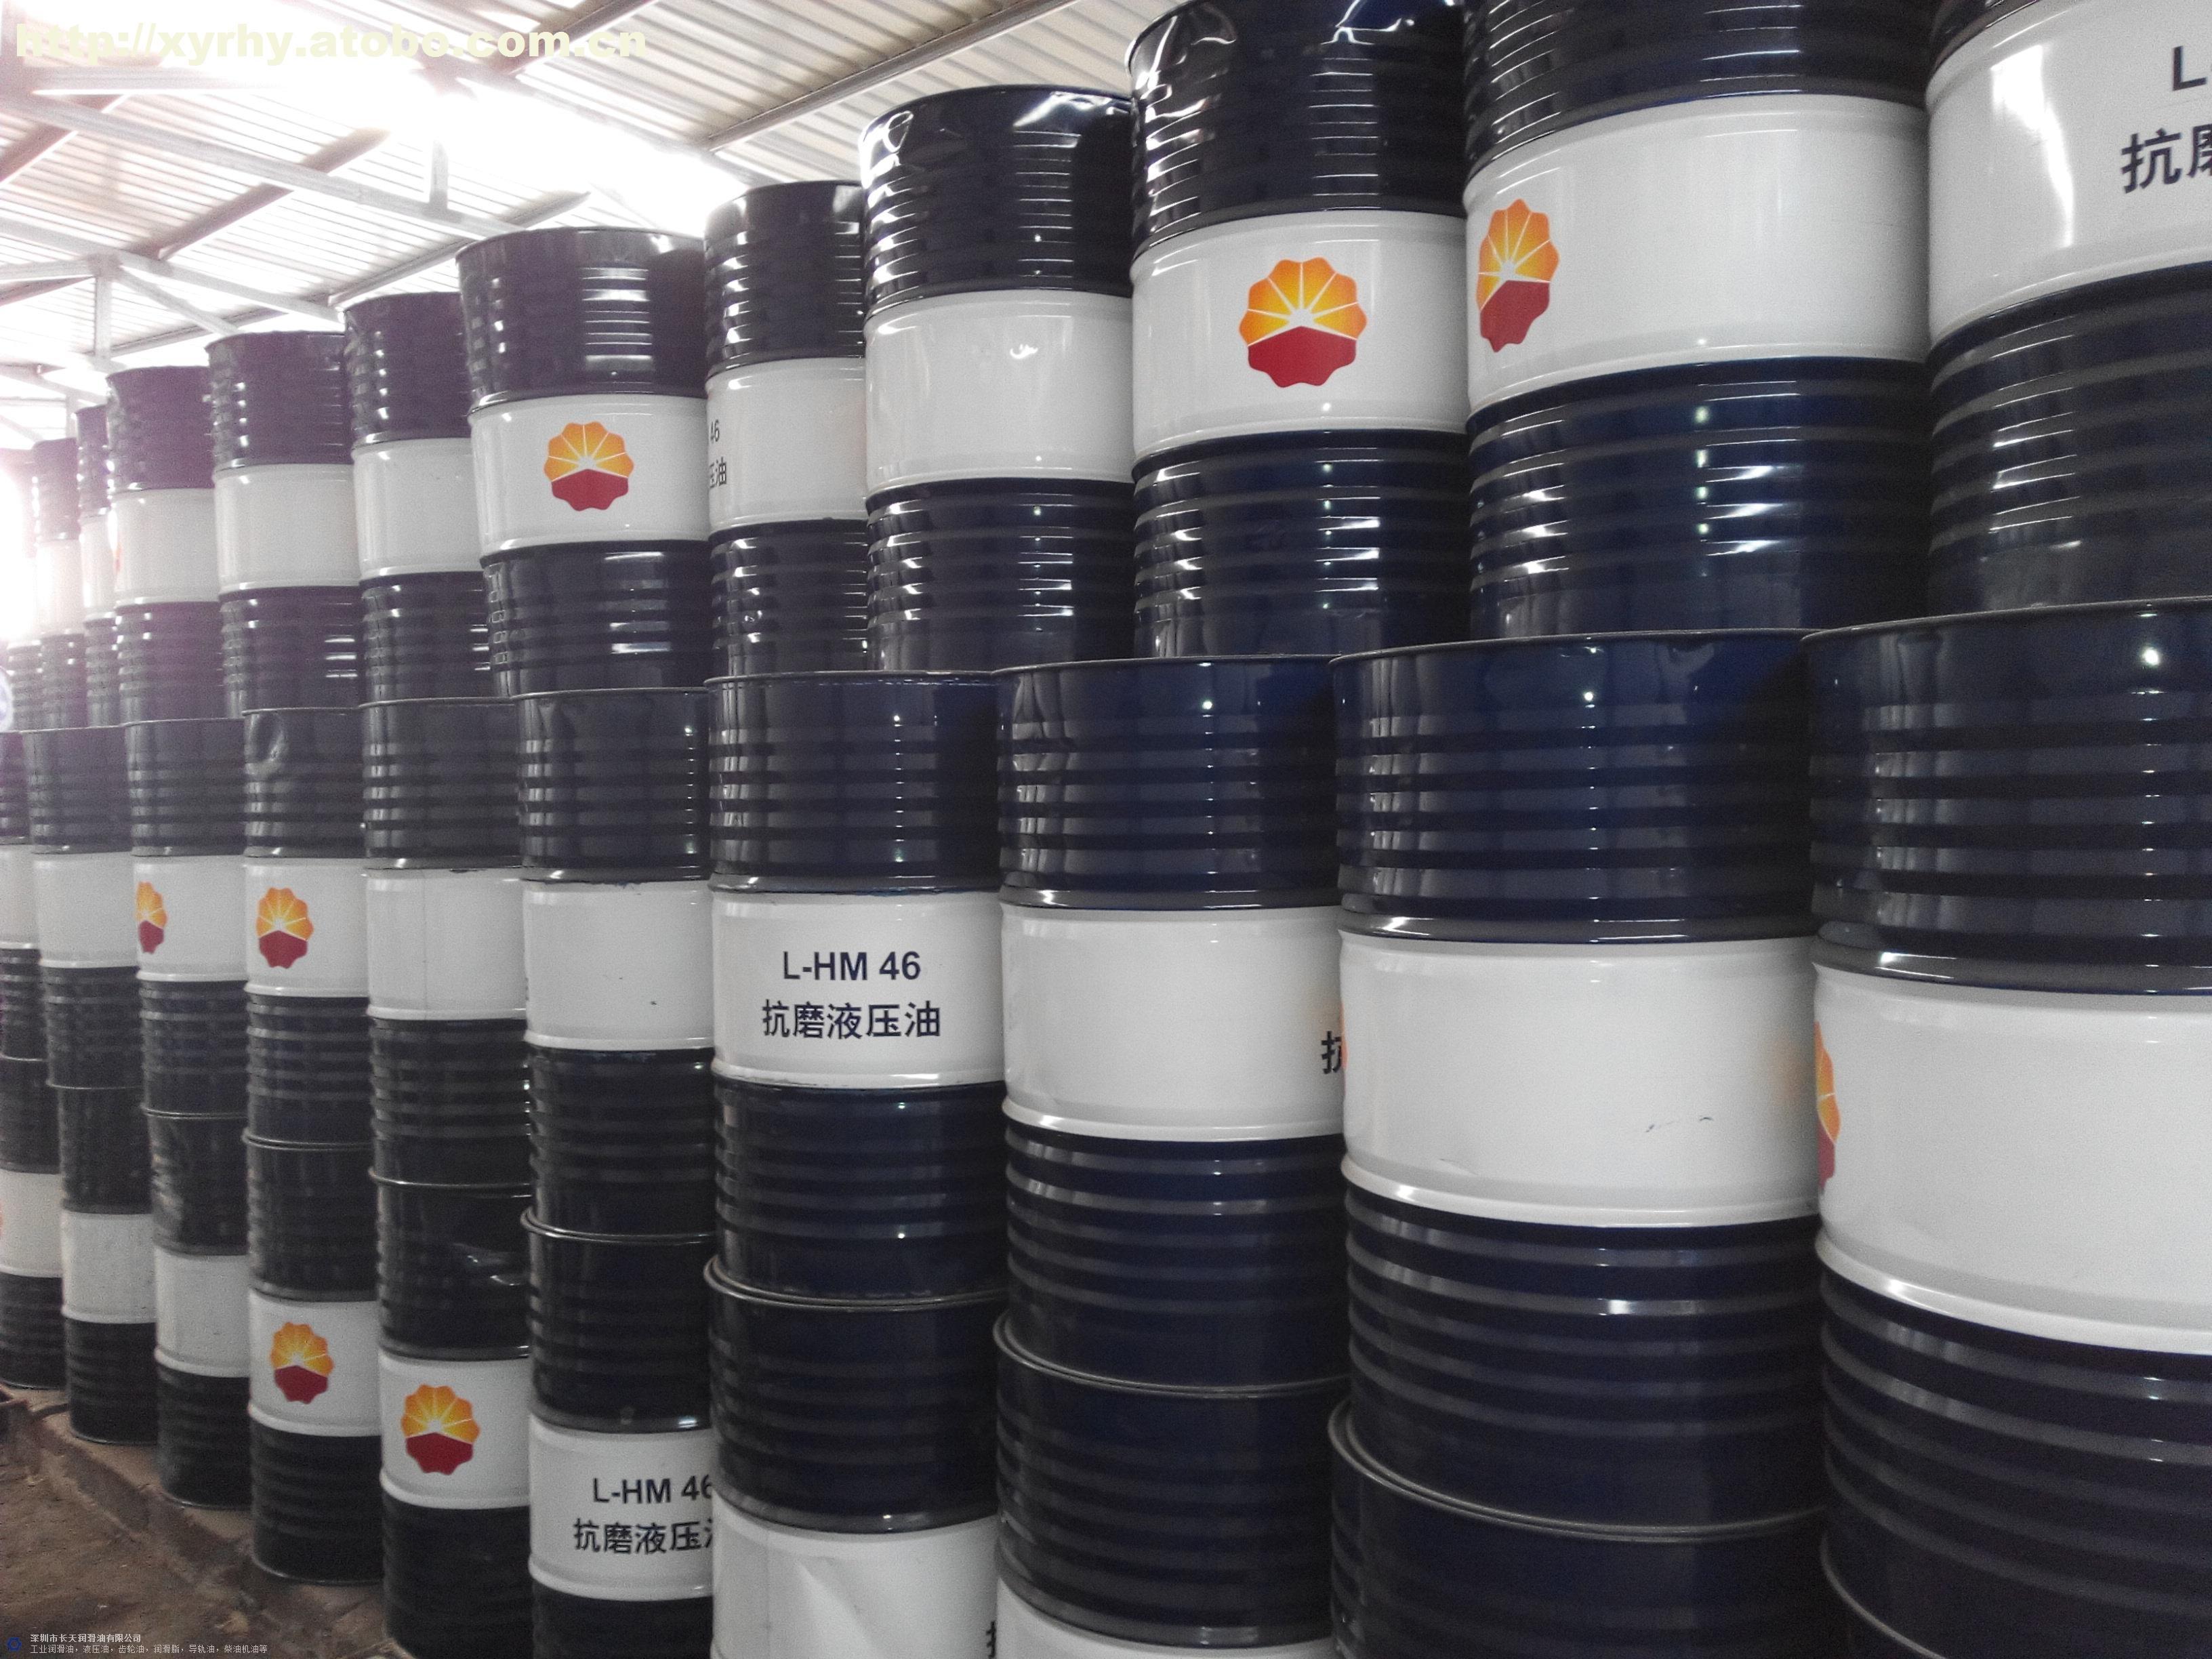 四川工业润滑油推荐货源「深圳长天润滑油供应」